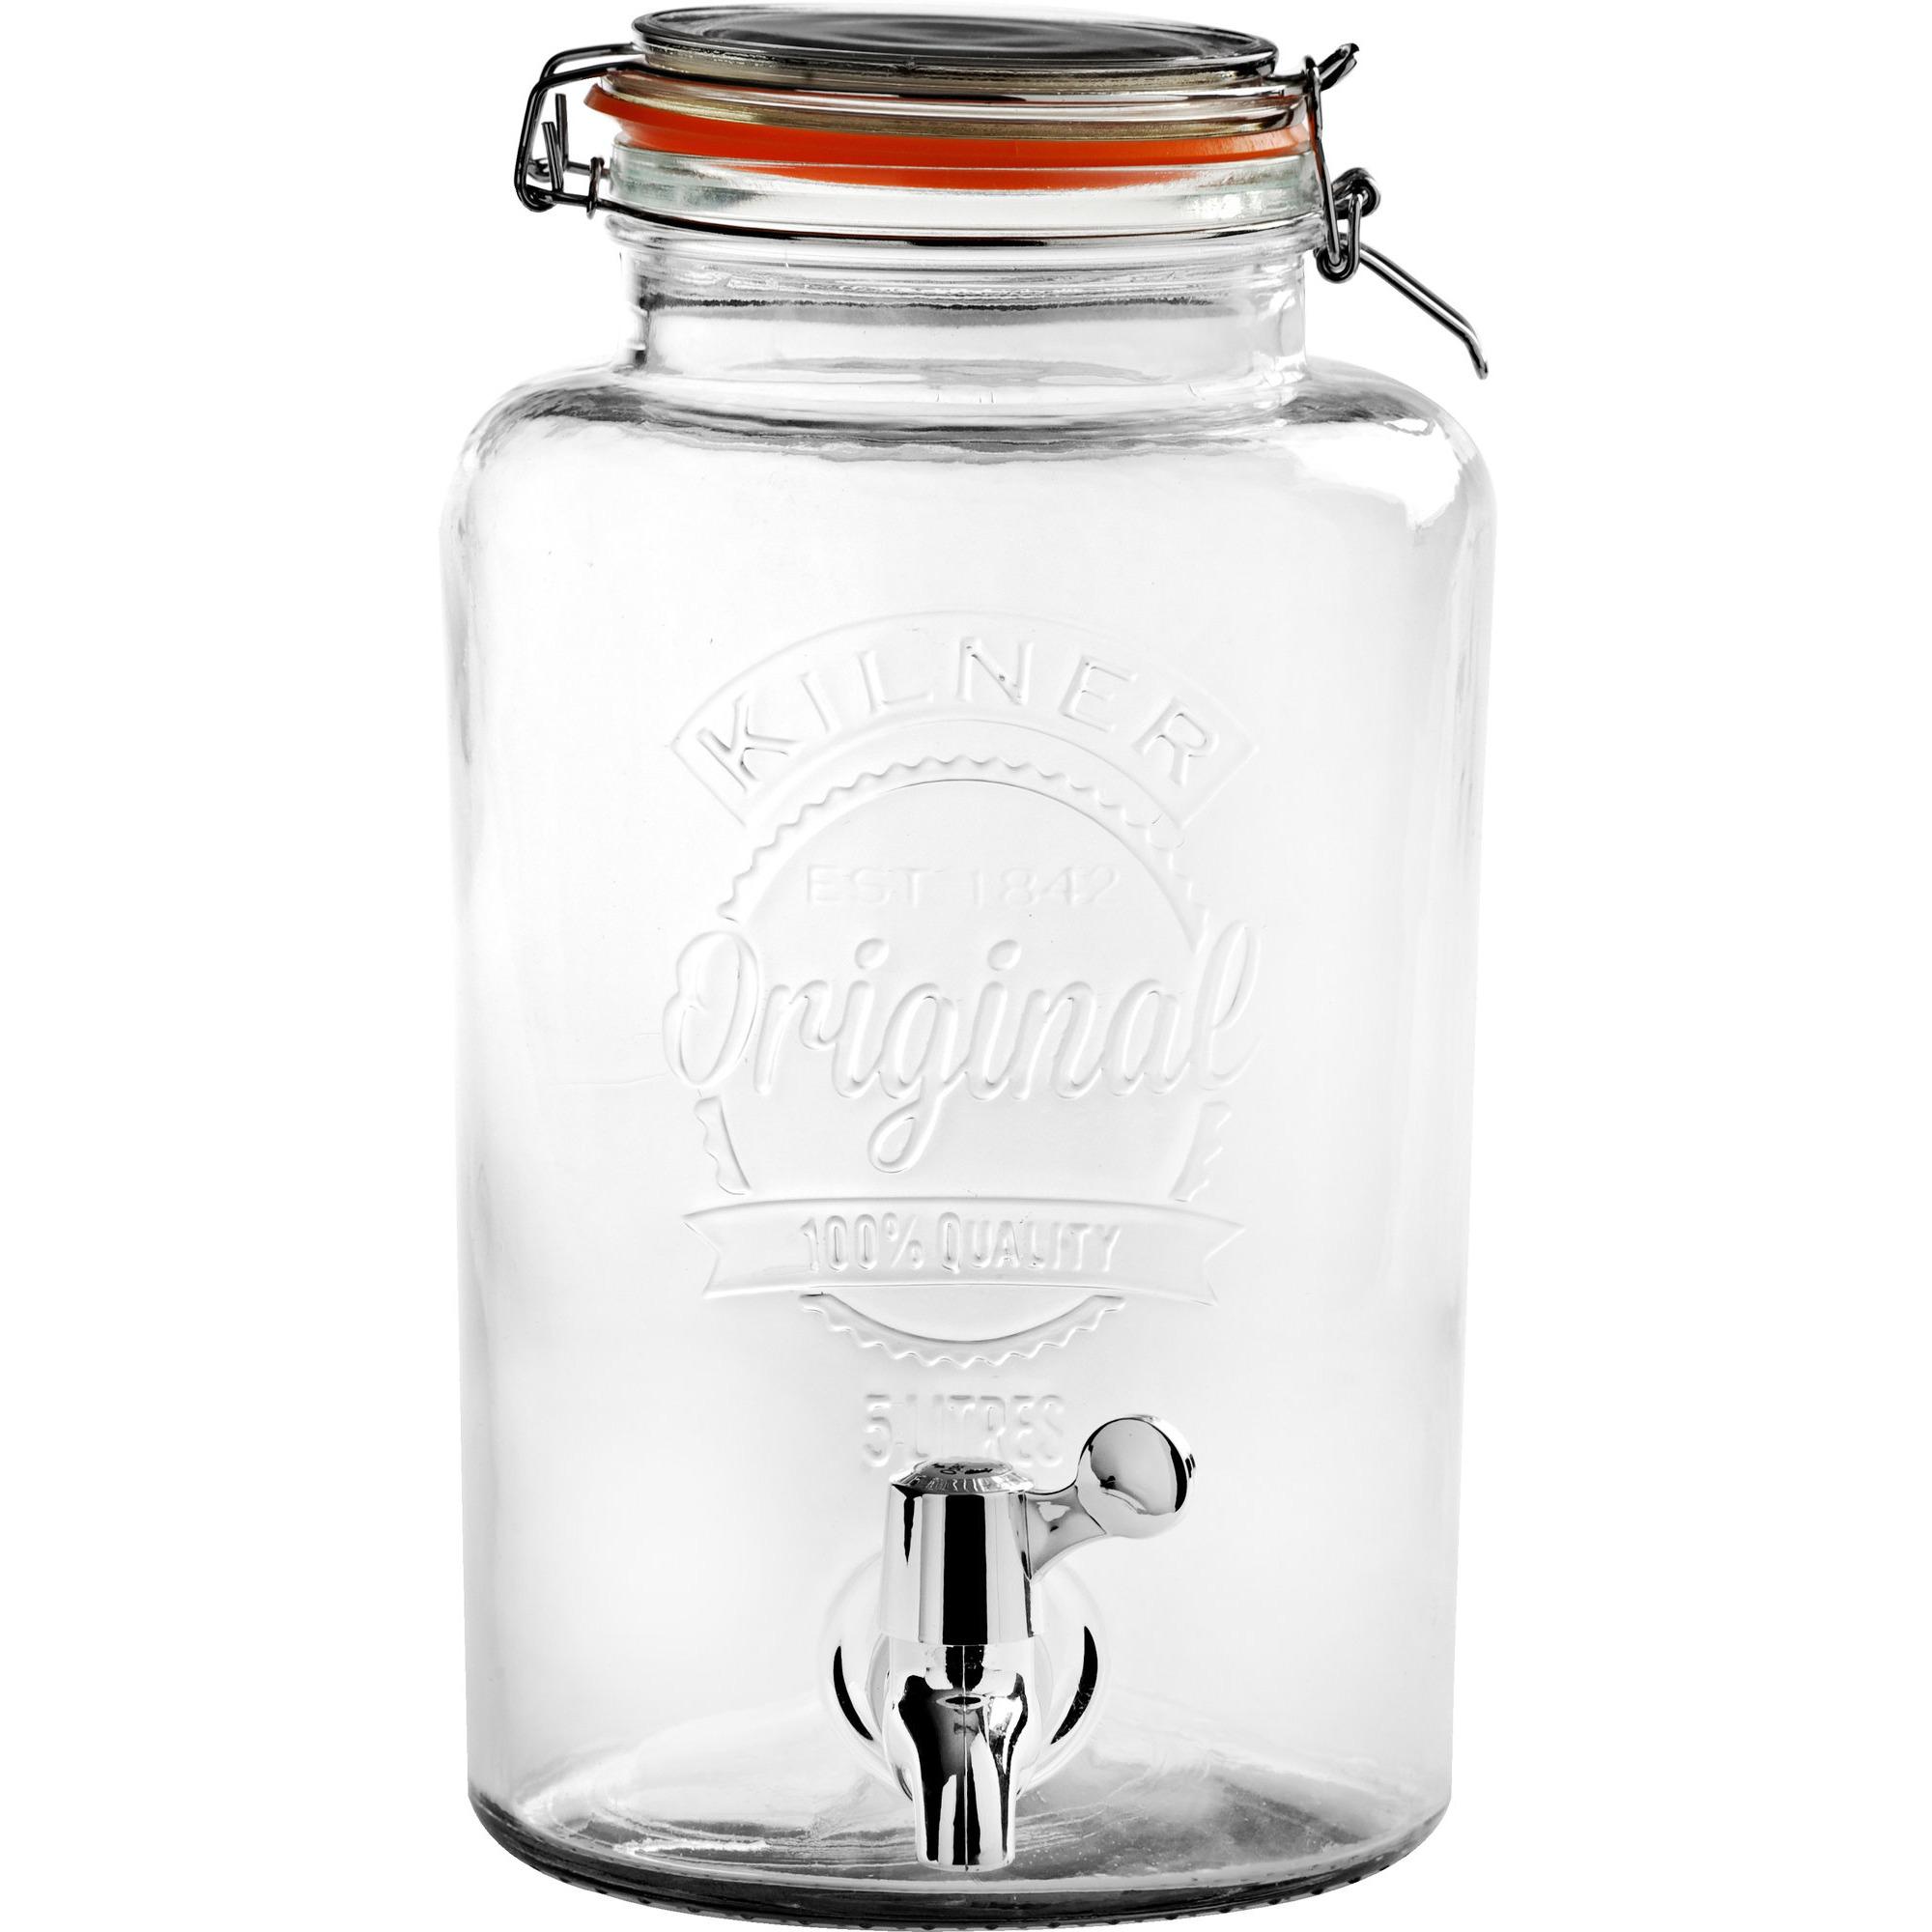 Kilner Glasbehållare med Tappkran 5 Liter